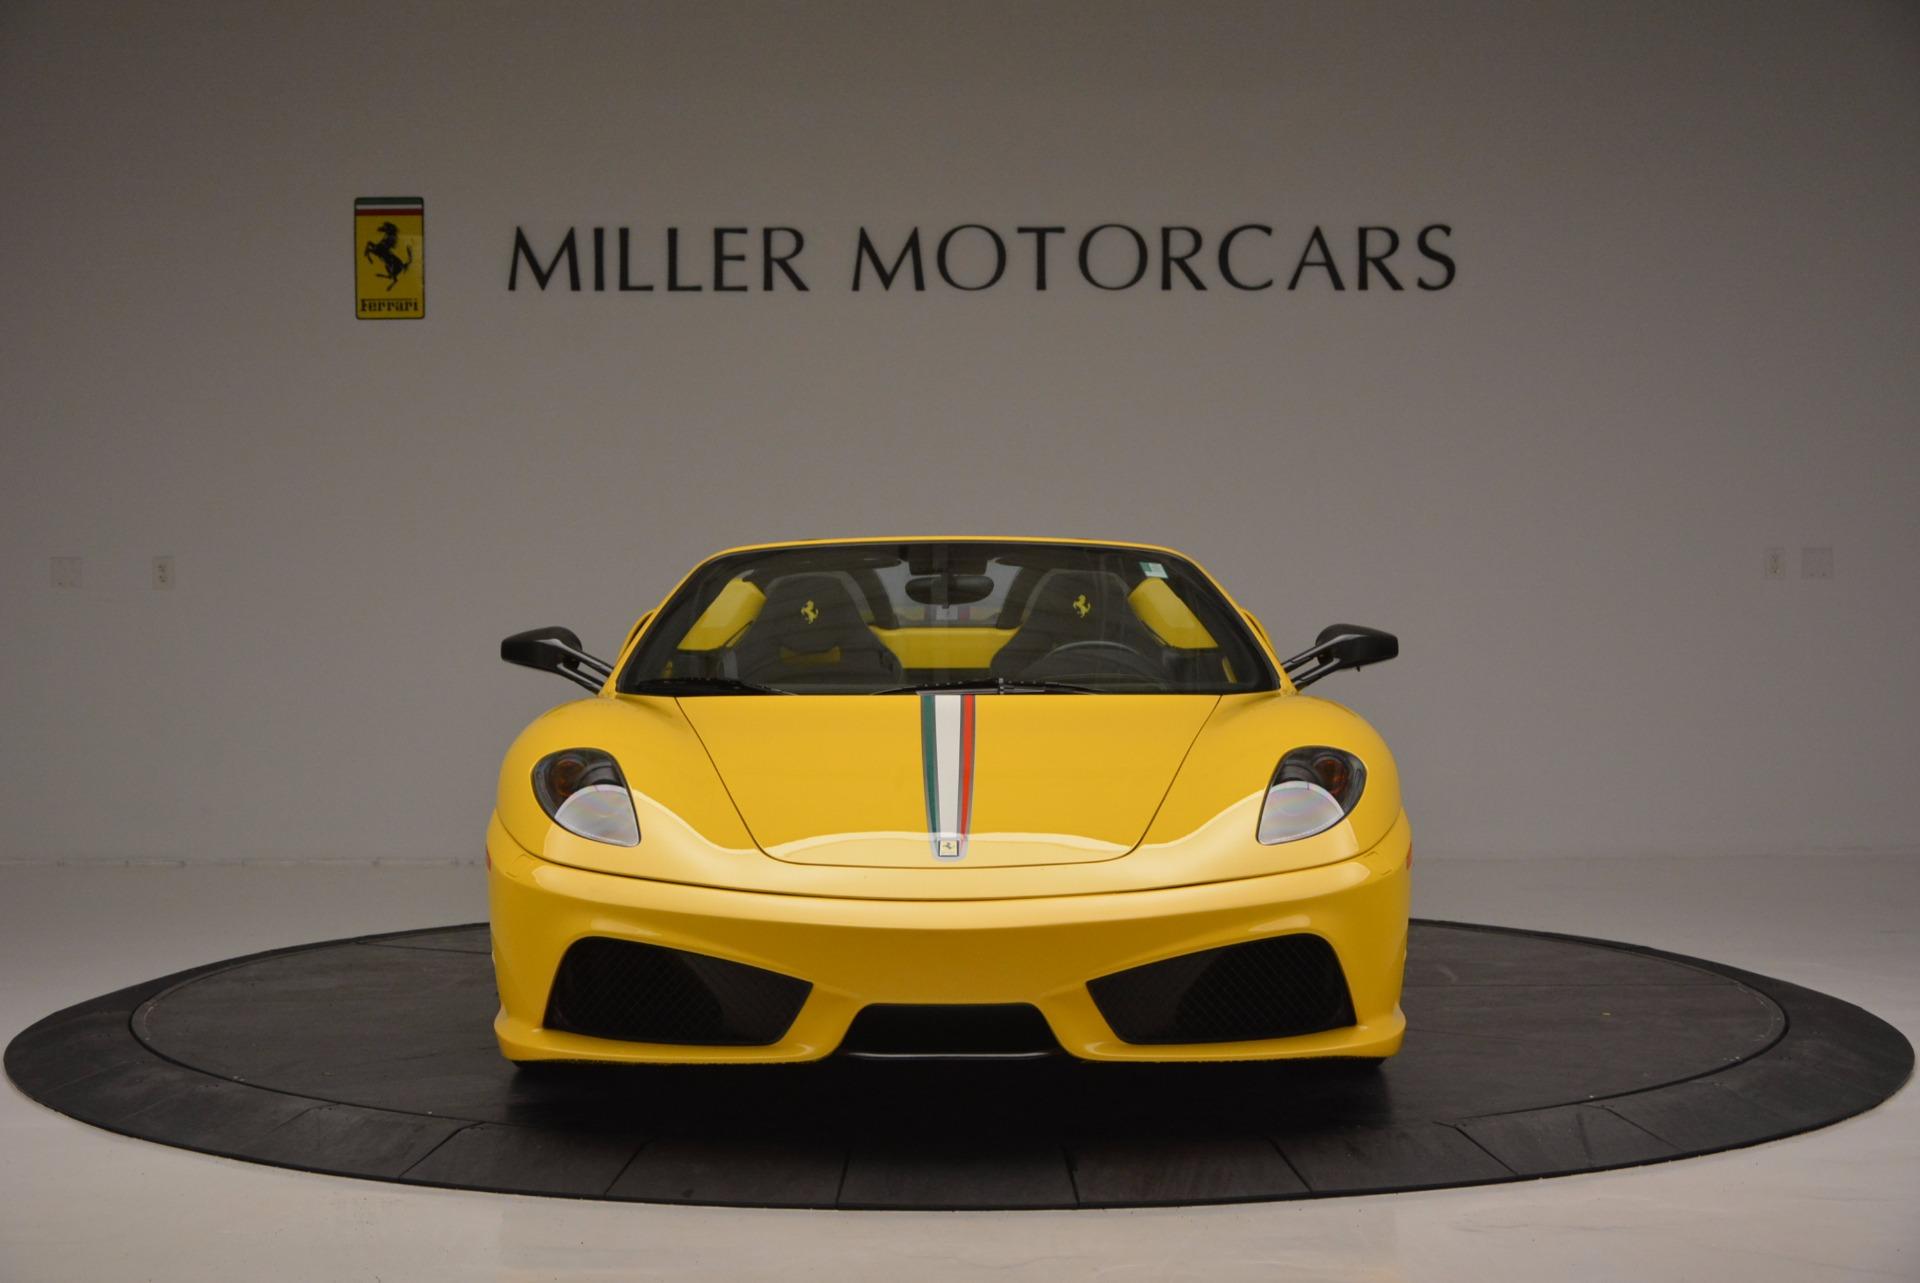 Used 2009 Ferrari F430 Scuderia 16M For Sale In Greenwich, CT. Alfa Romeo of Greenwich, 4369 856_p12